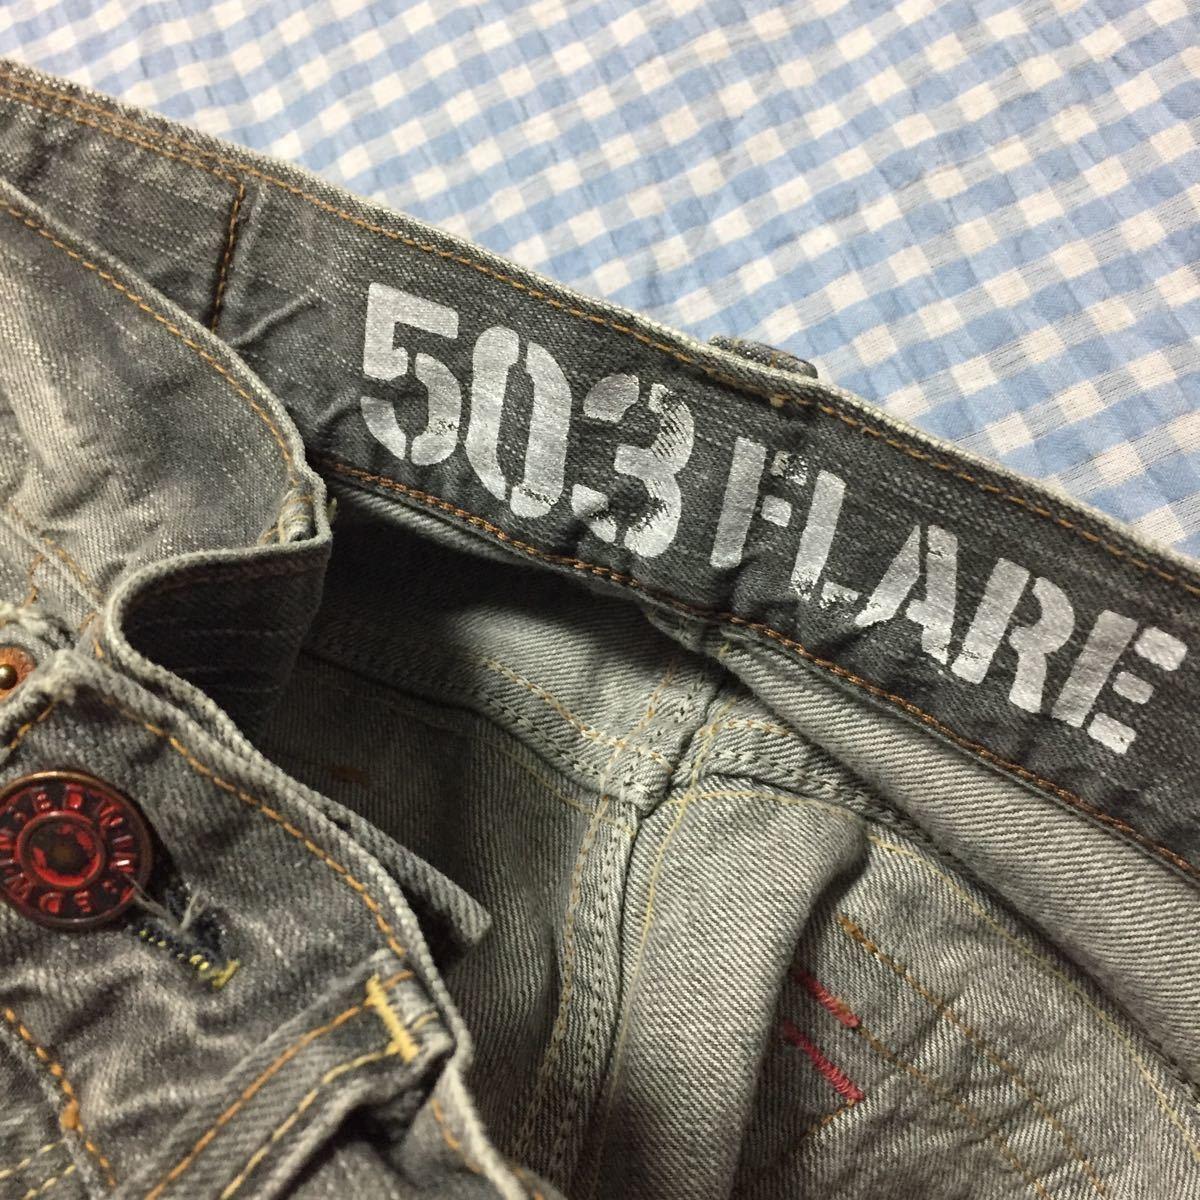 【美品】EDWINエドウィンBT5001ブーツカットBLUE TRIPブルートリップ30日本製グレー_画像9